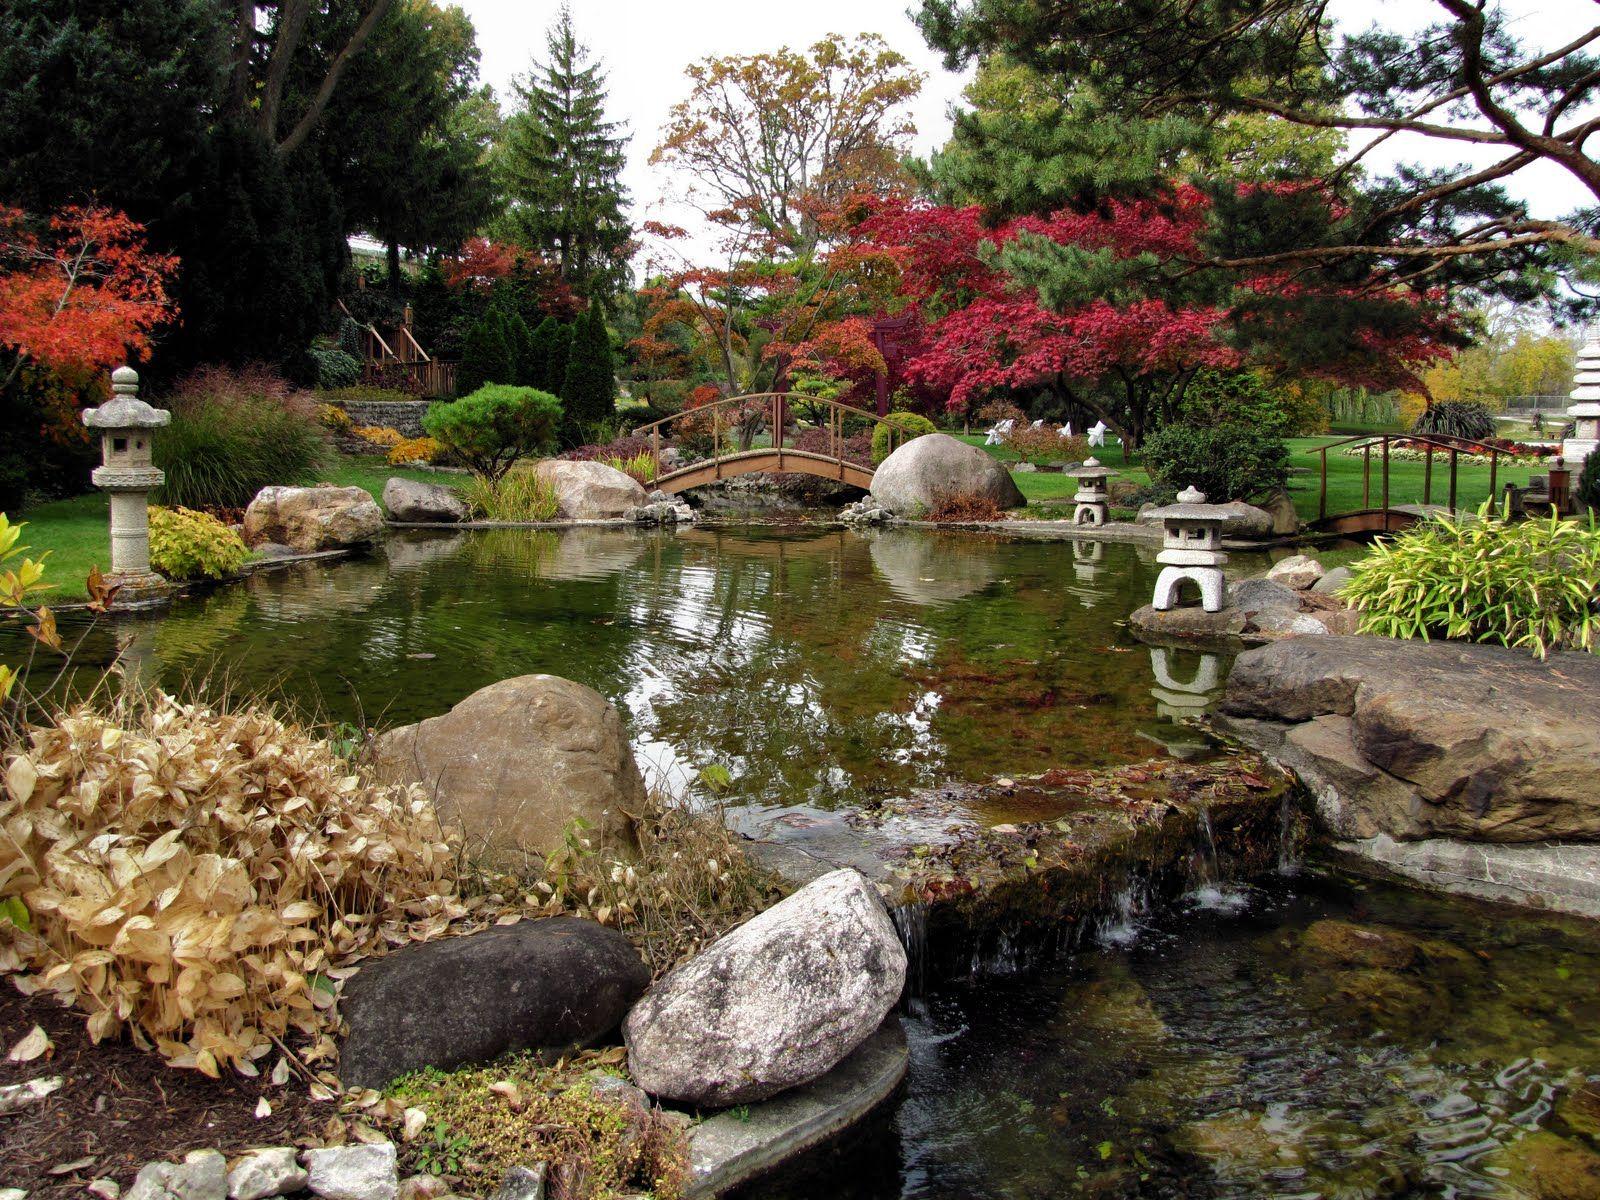 Japanese Water Garden | Japanese+water+garden,+autumn_4102.JPG